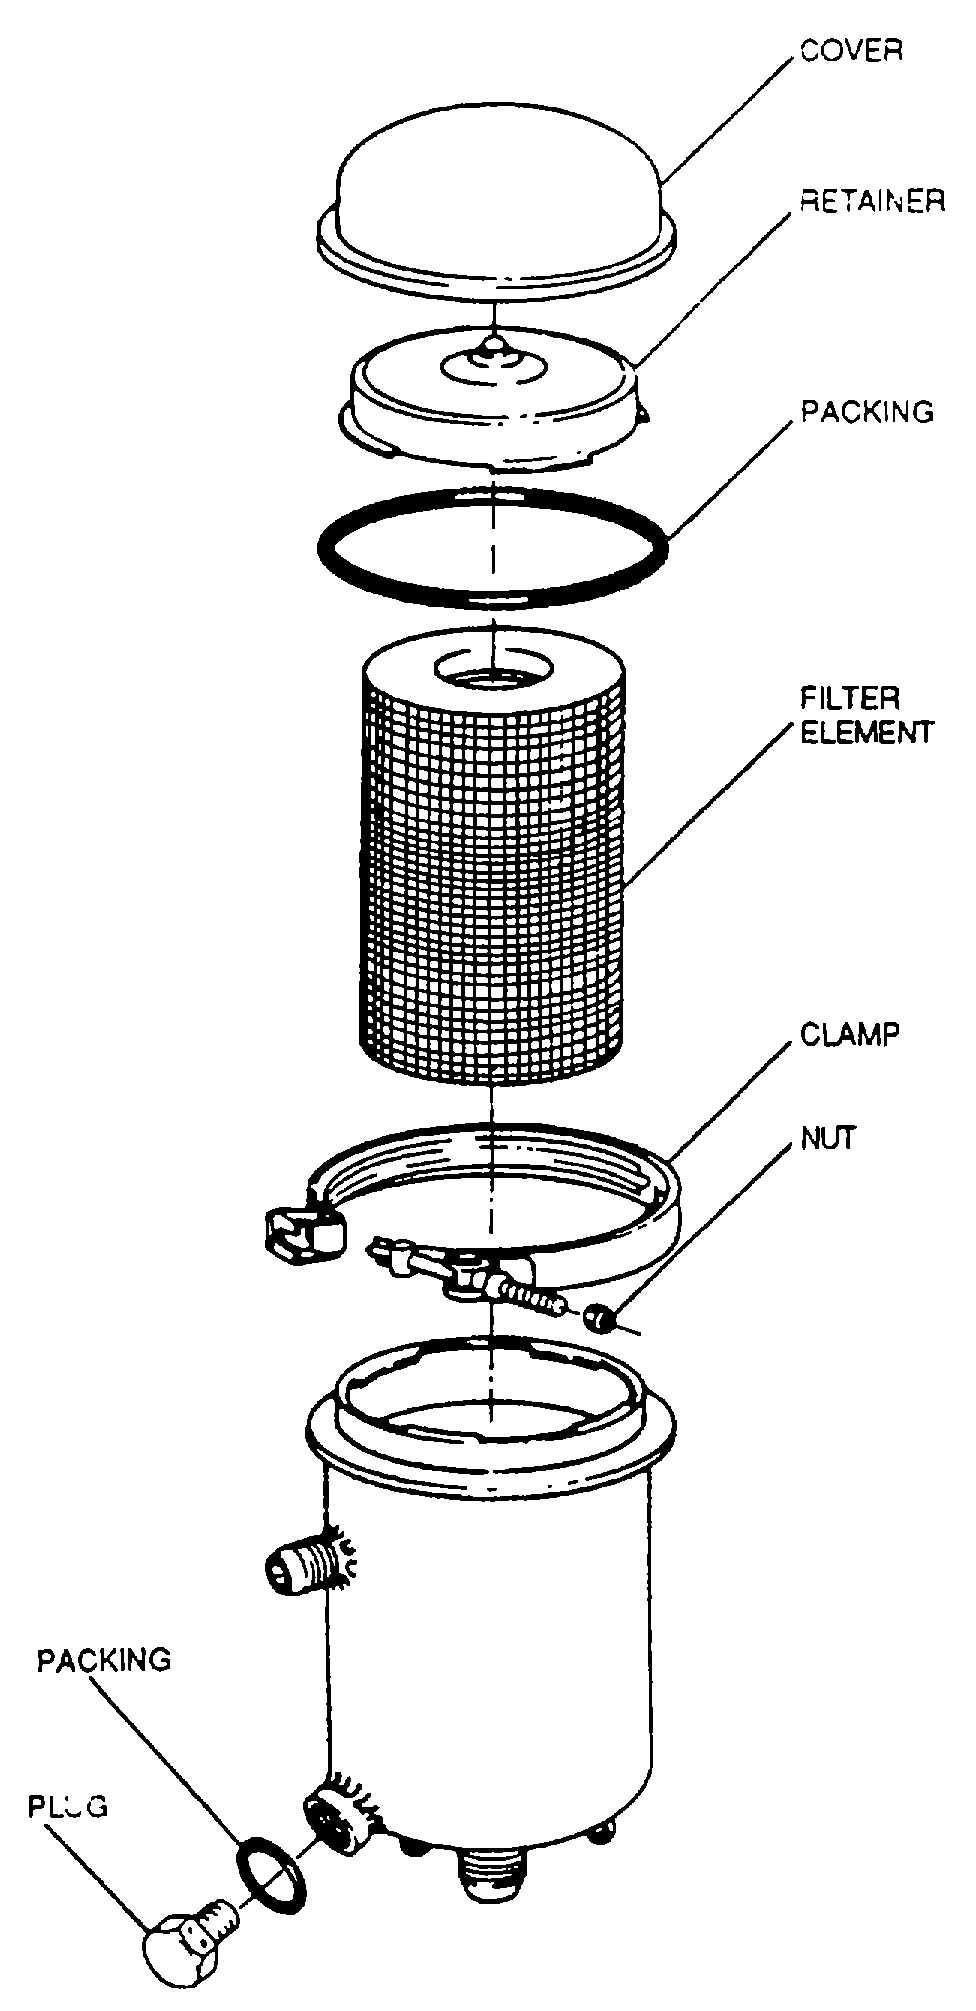 Figure 3 6 Oil Filter